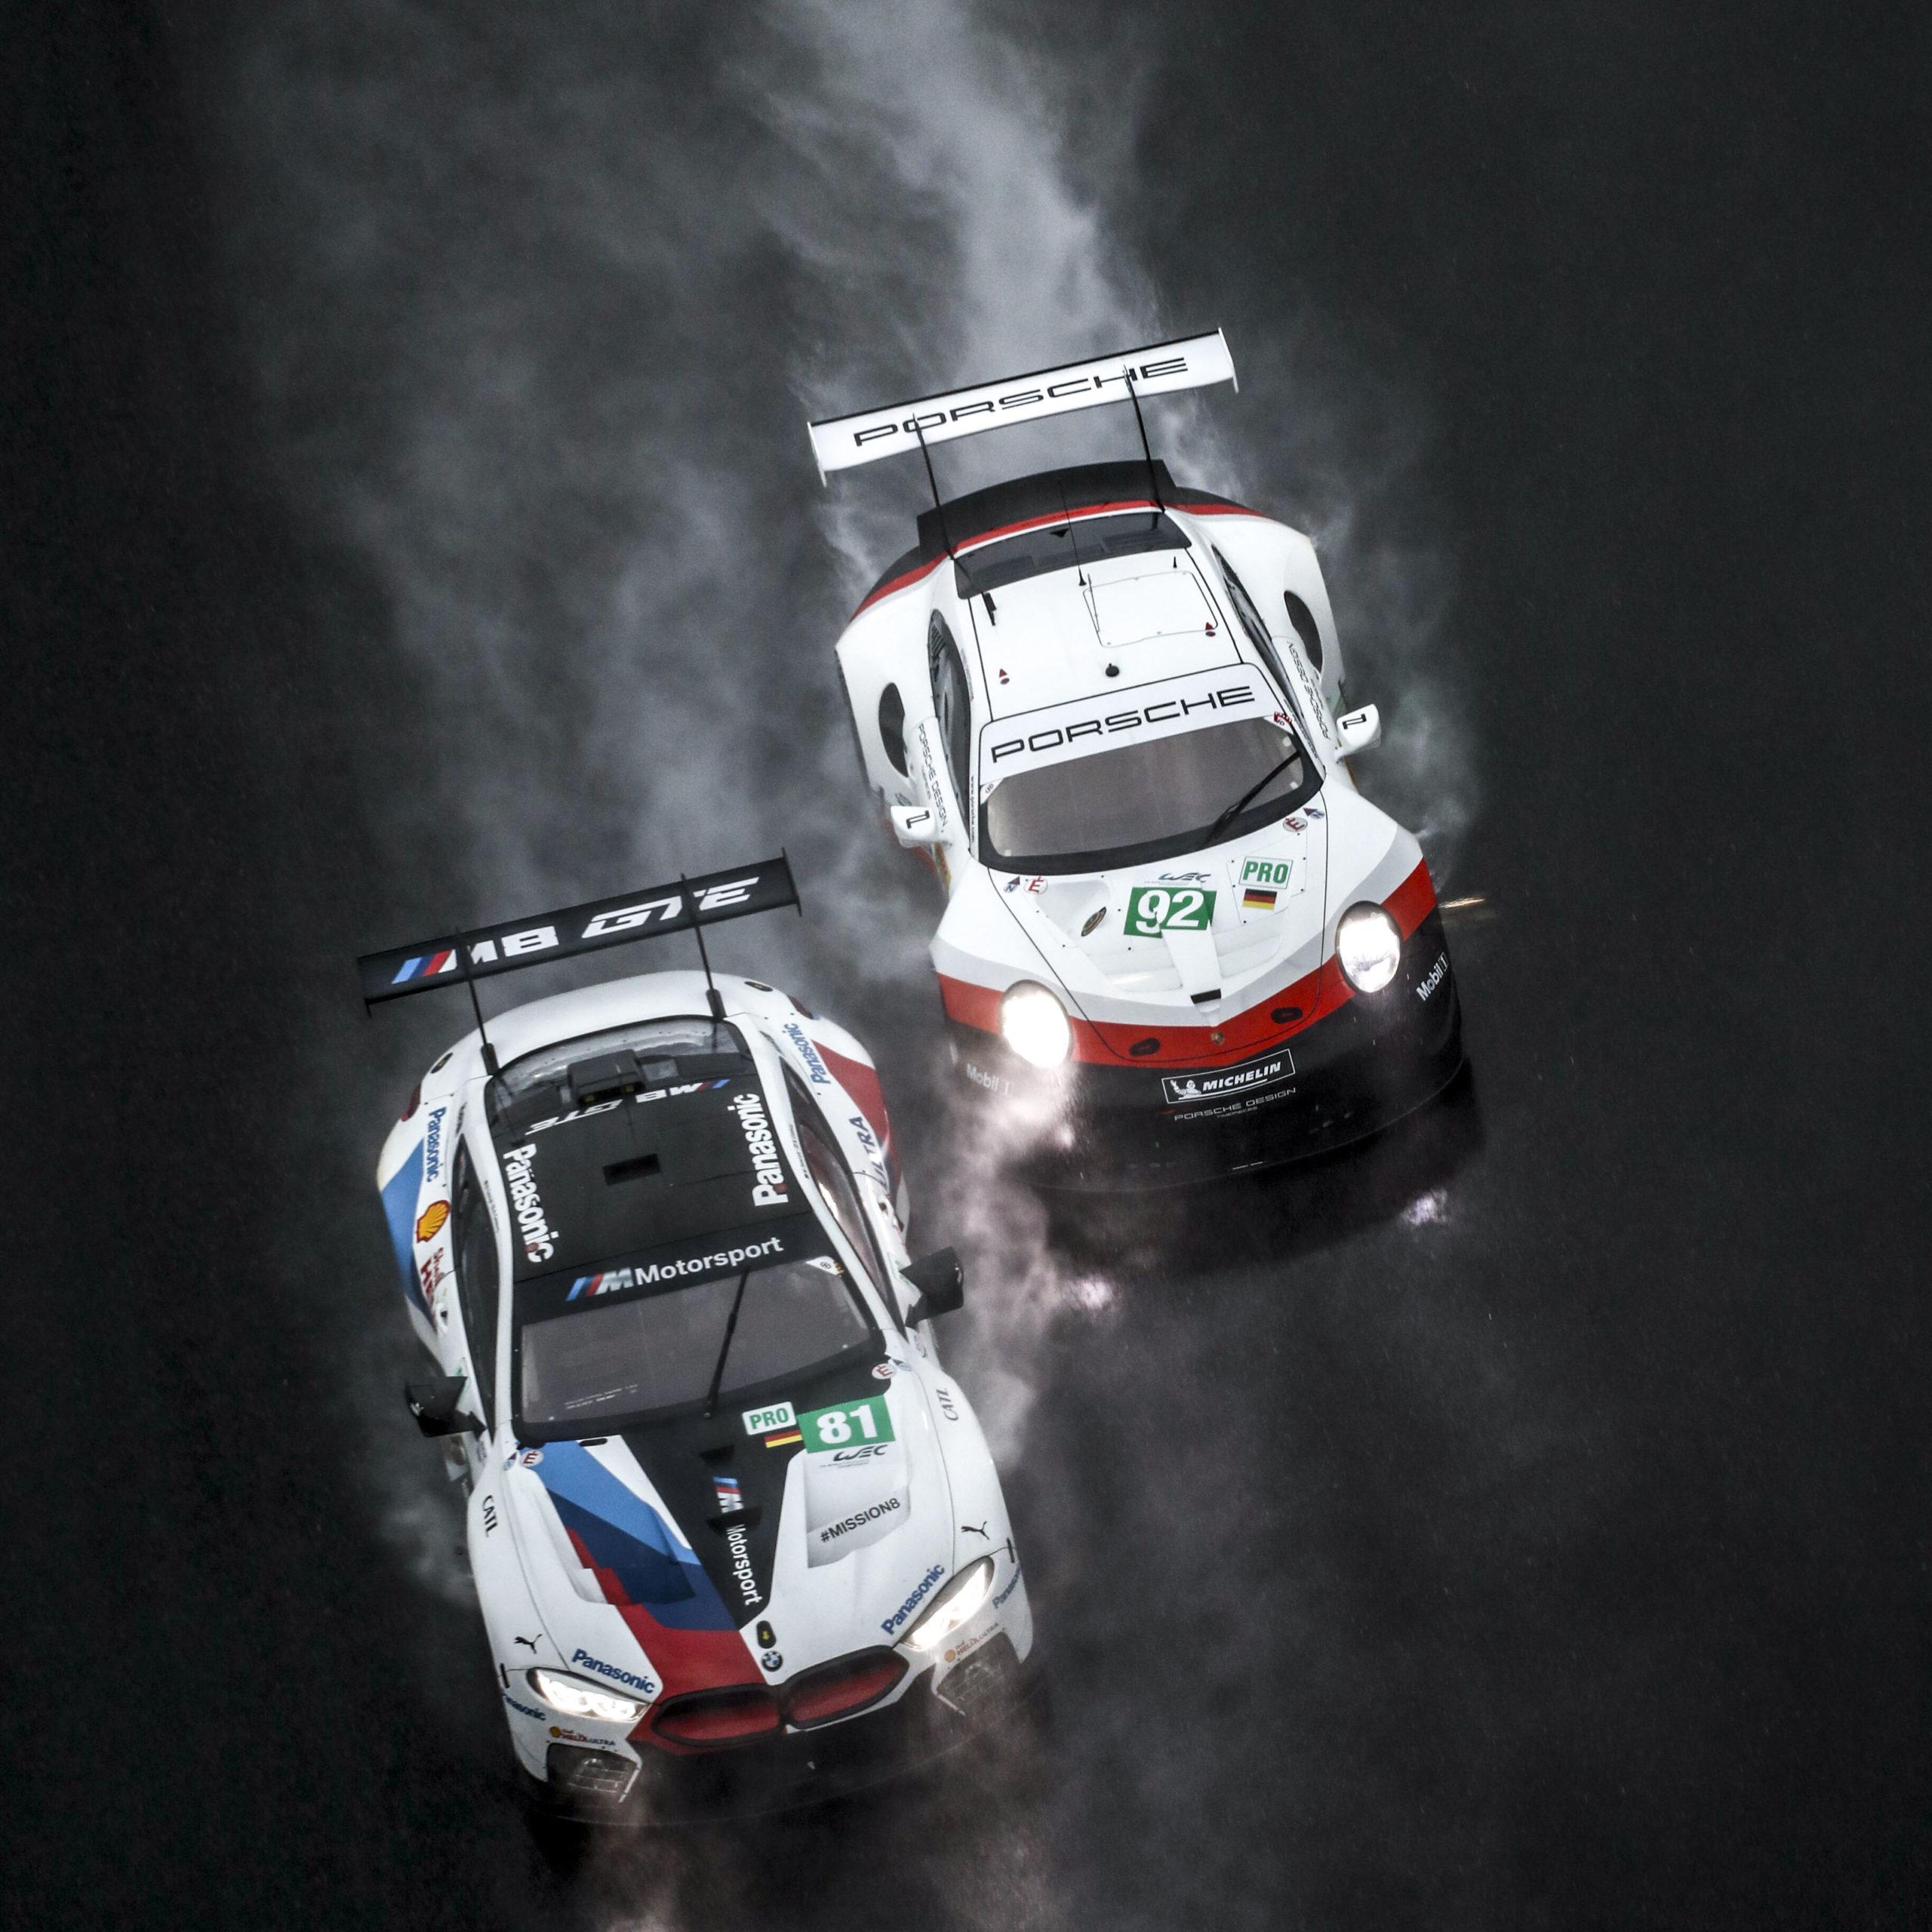 BMW v Porsche at Shanghai in the 2018 WEC season